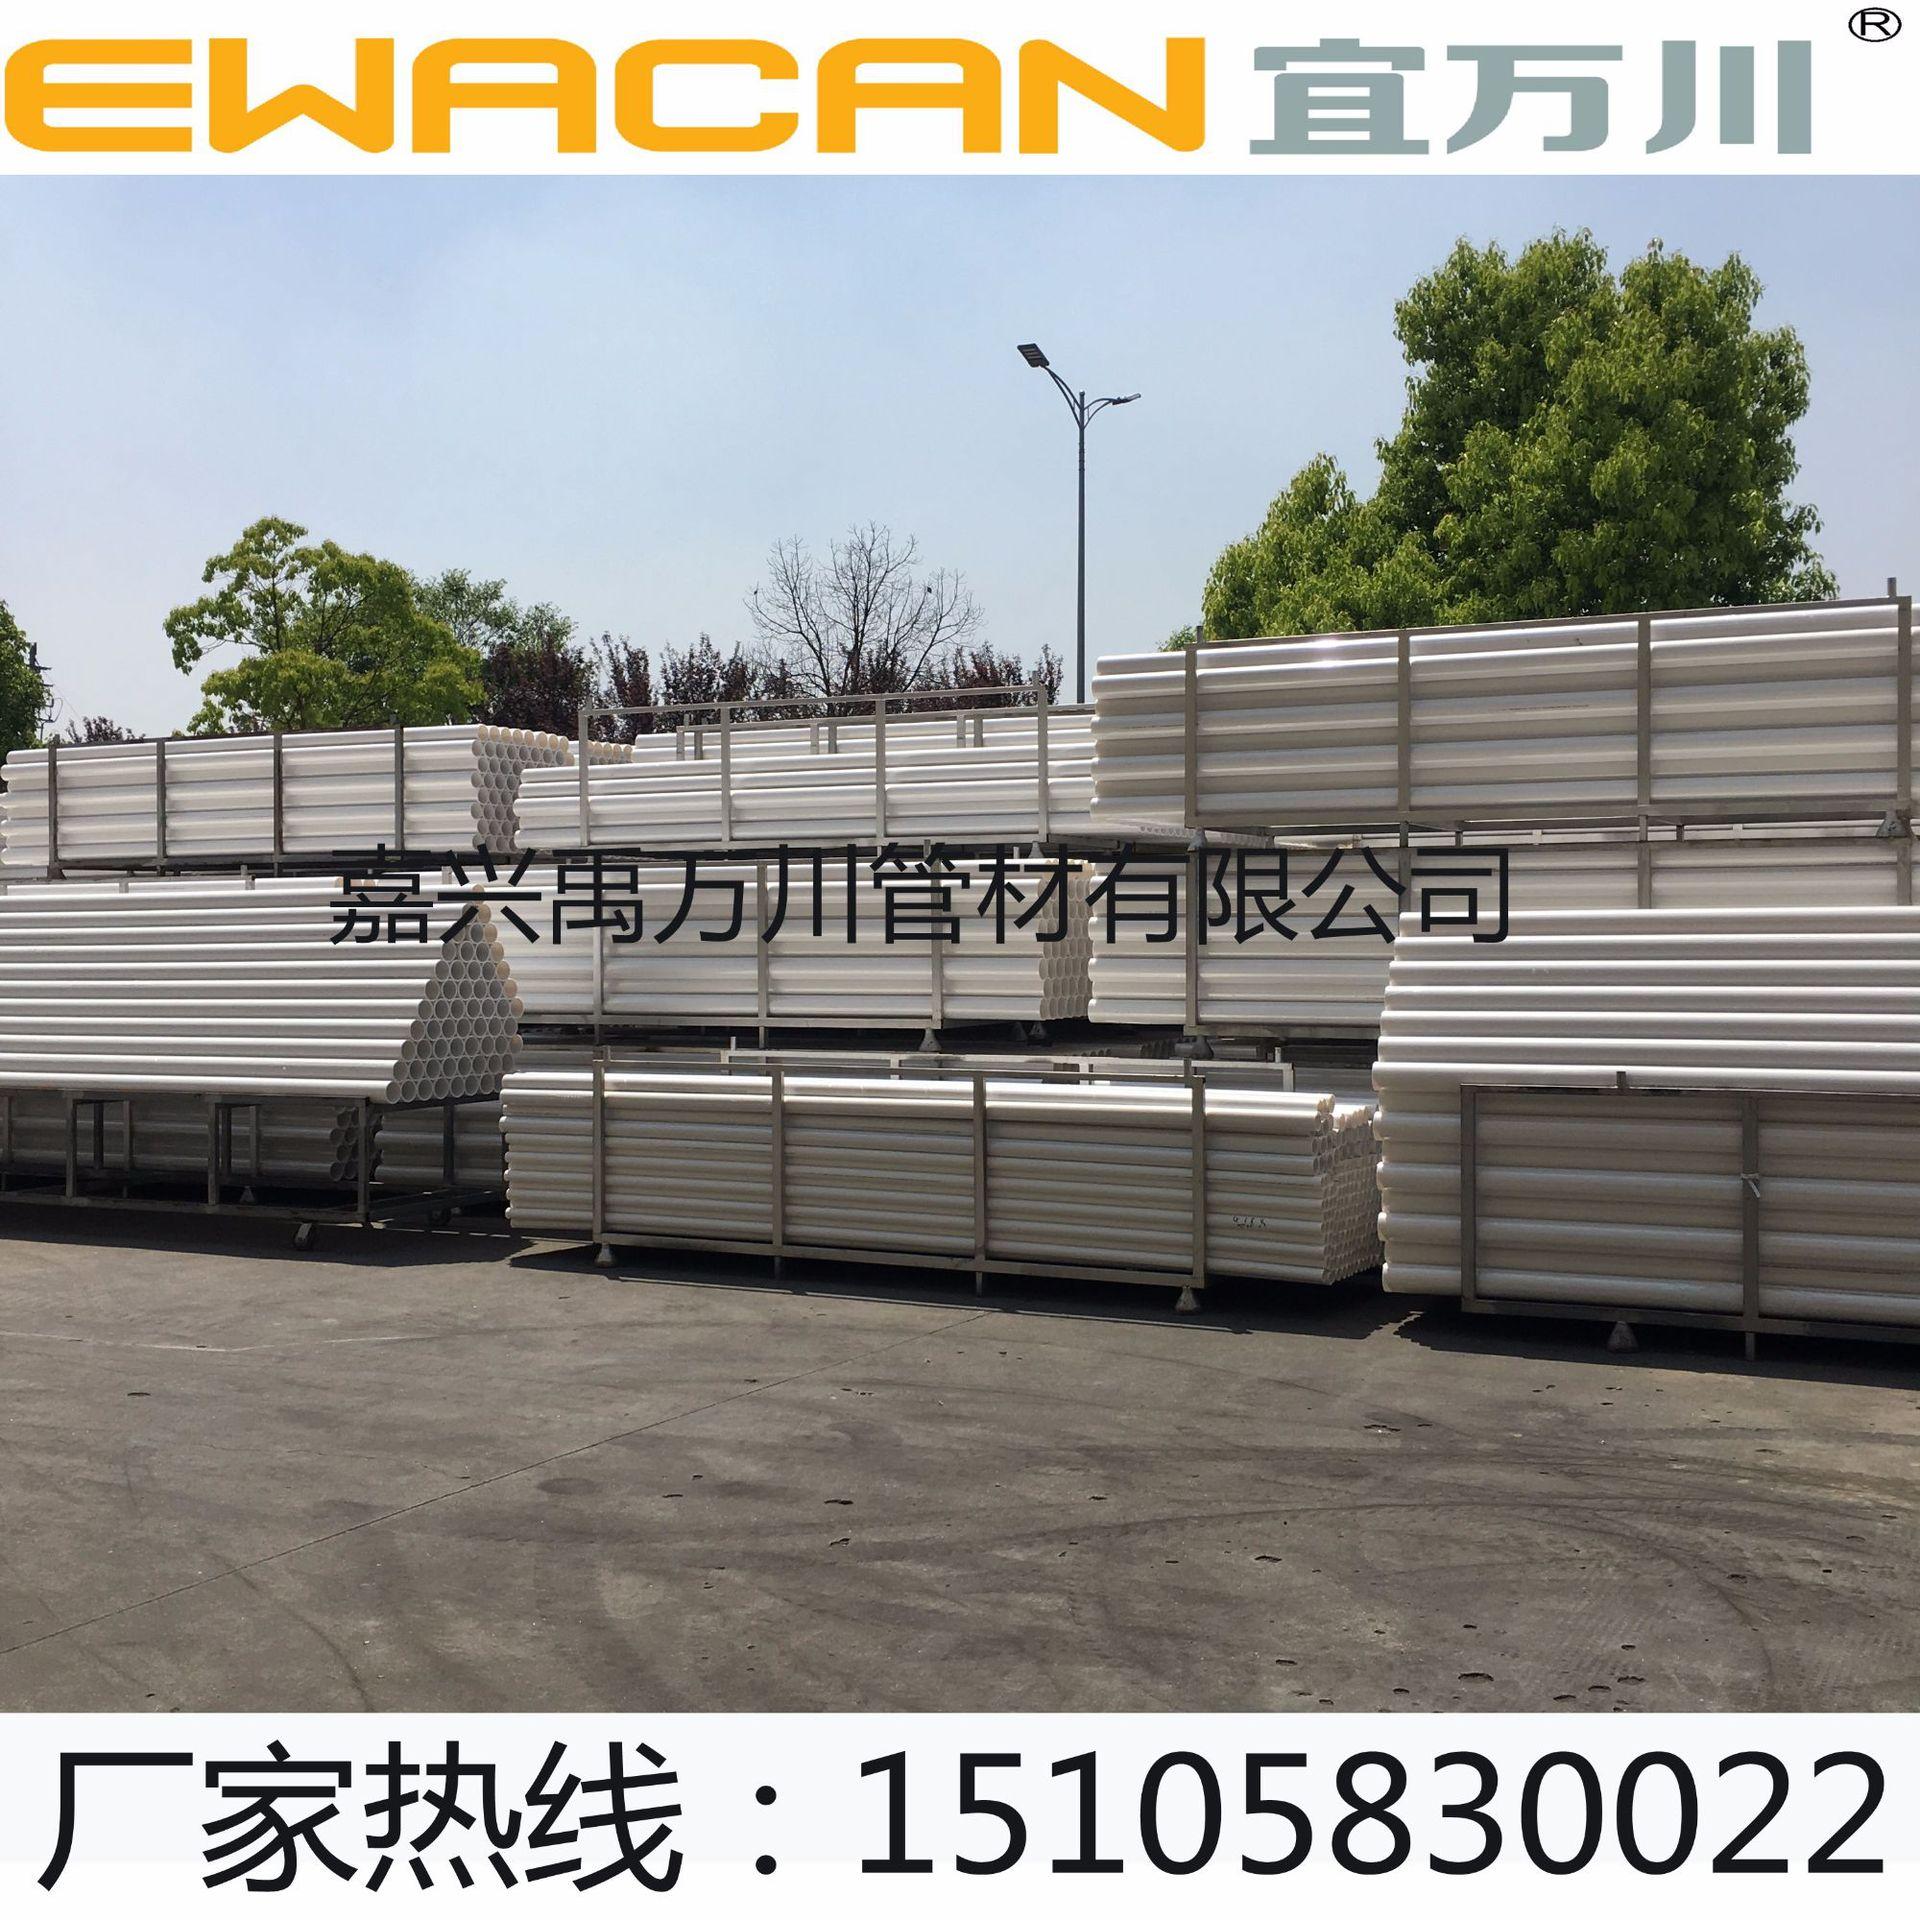 重庆HDPE沟槽式超静音排水管,高密度聚乙烯HDPE环压ABS卡箍连接示例图2